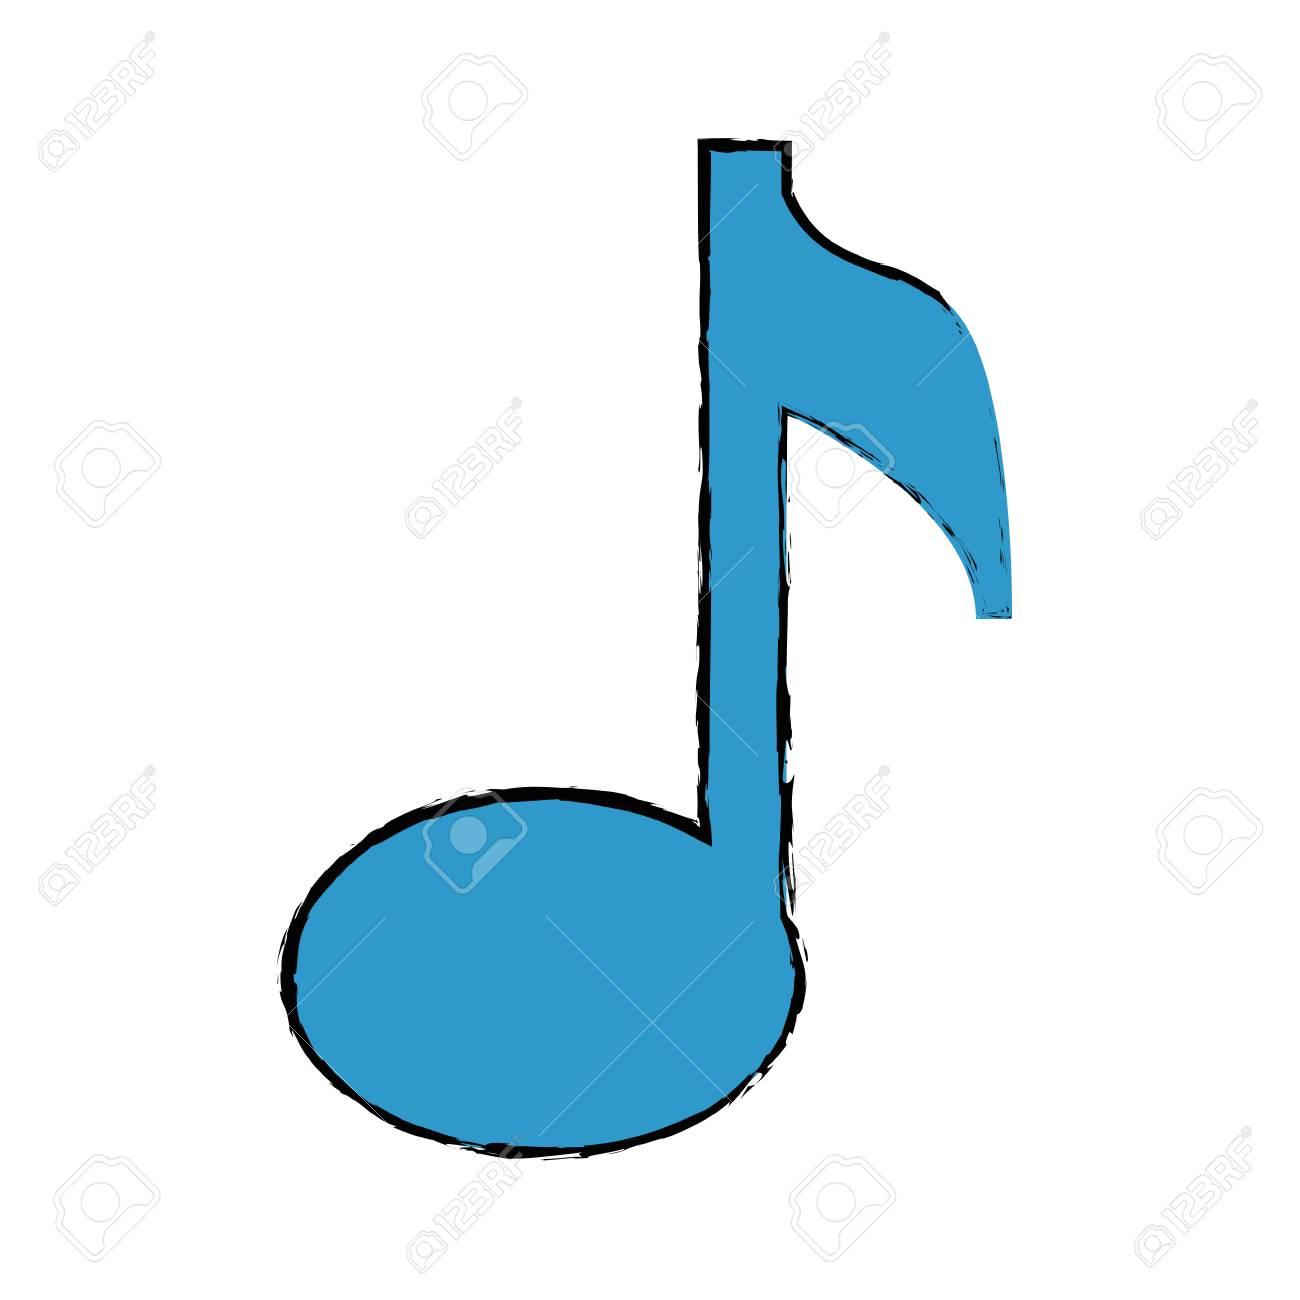 Vettoriale Icona Nota Musicale Su Sfondo Bianco Illustrazione